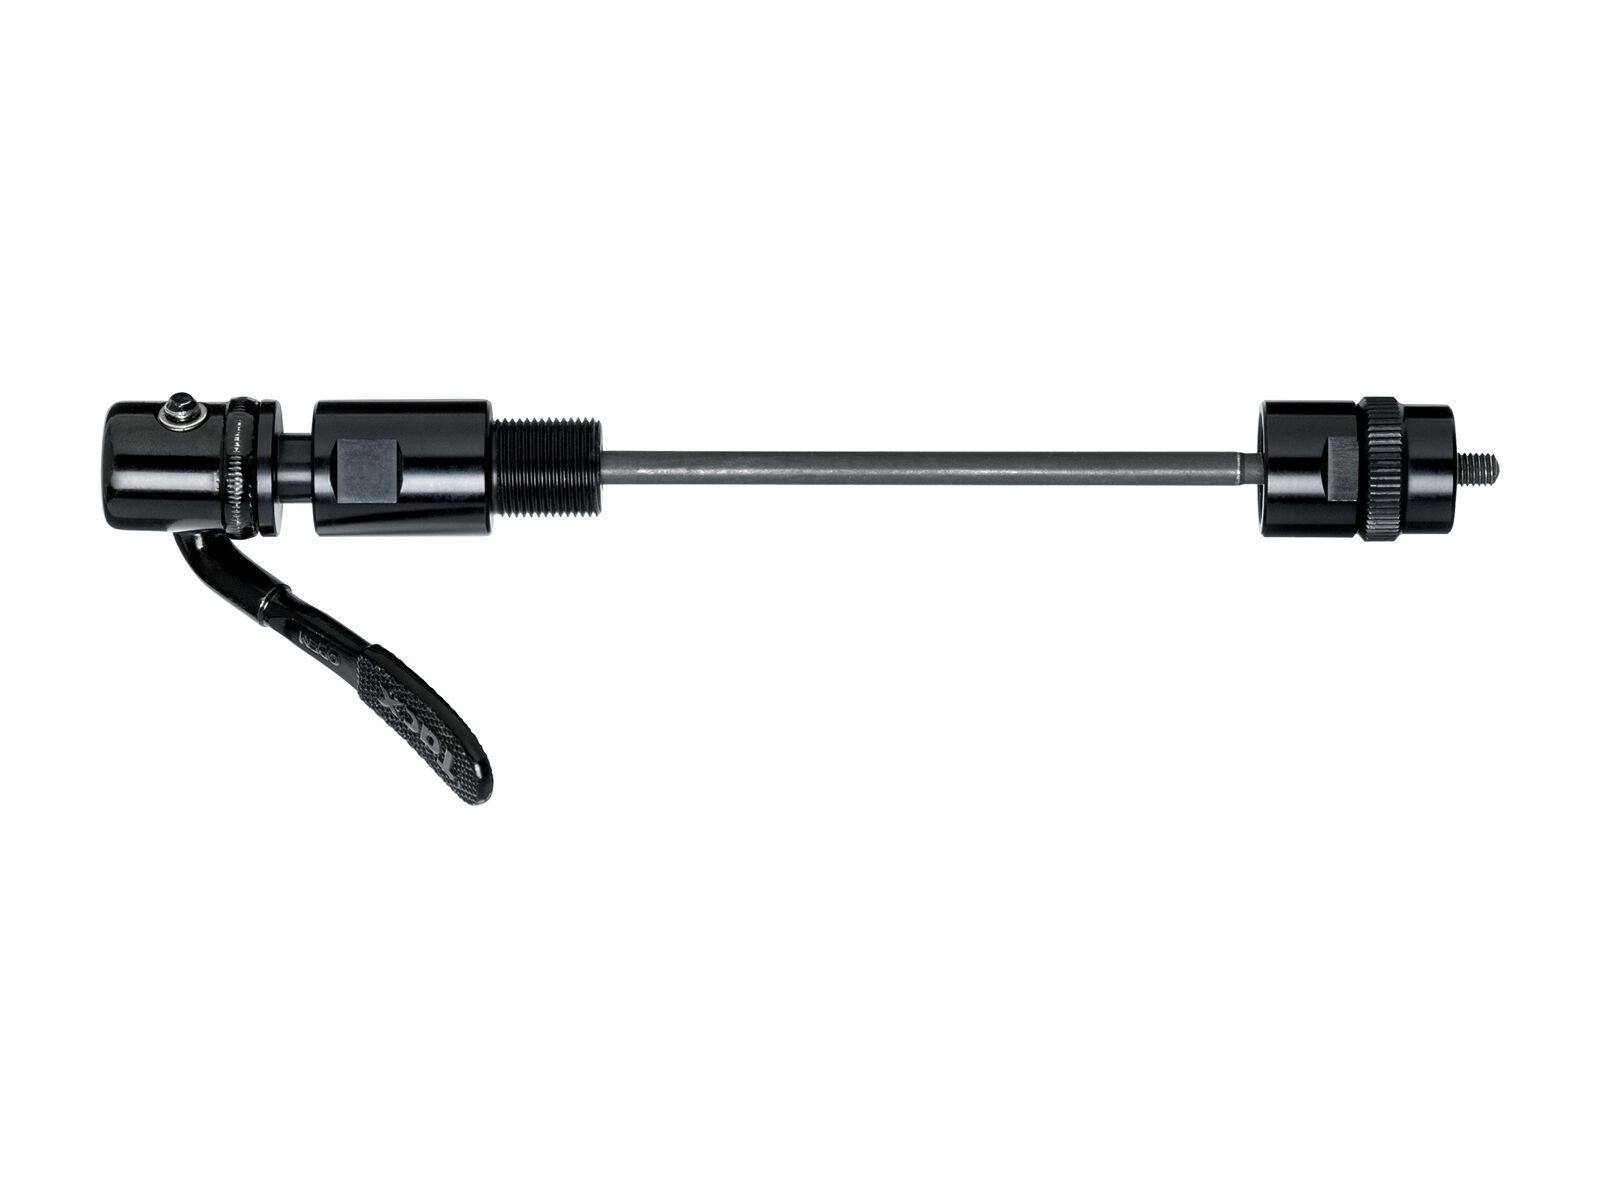 Tacx Direktantrieb-Schnellspanner-Adapterset T2840 - 135 x 10 mm - Schnellspanner